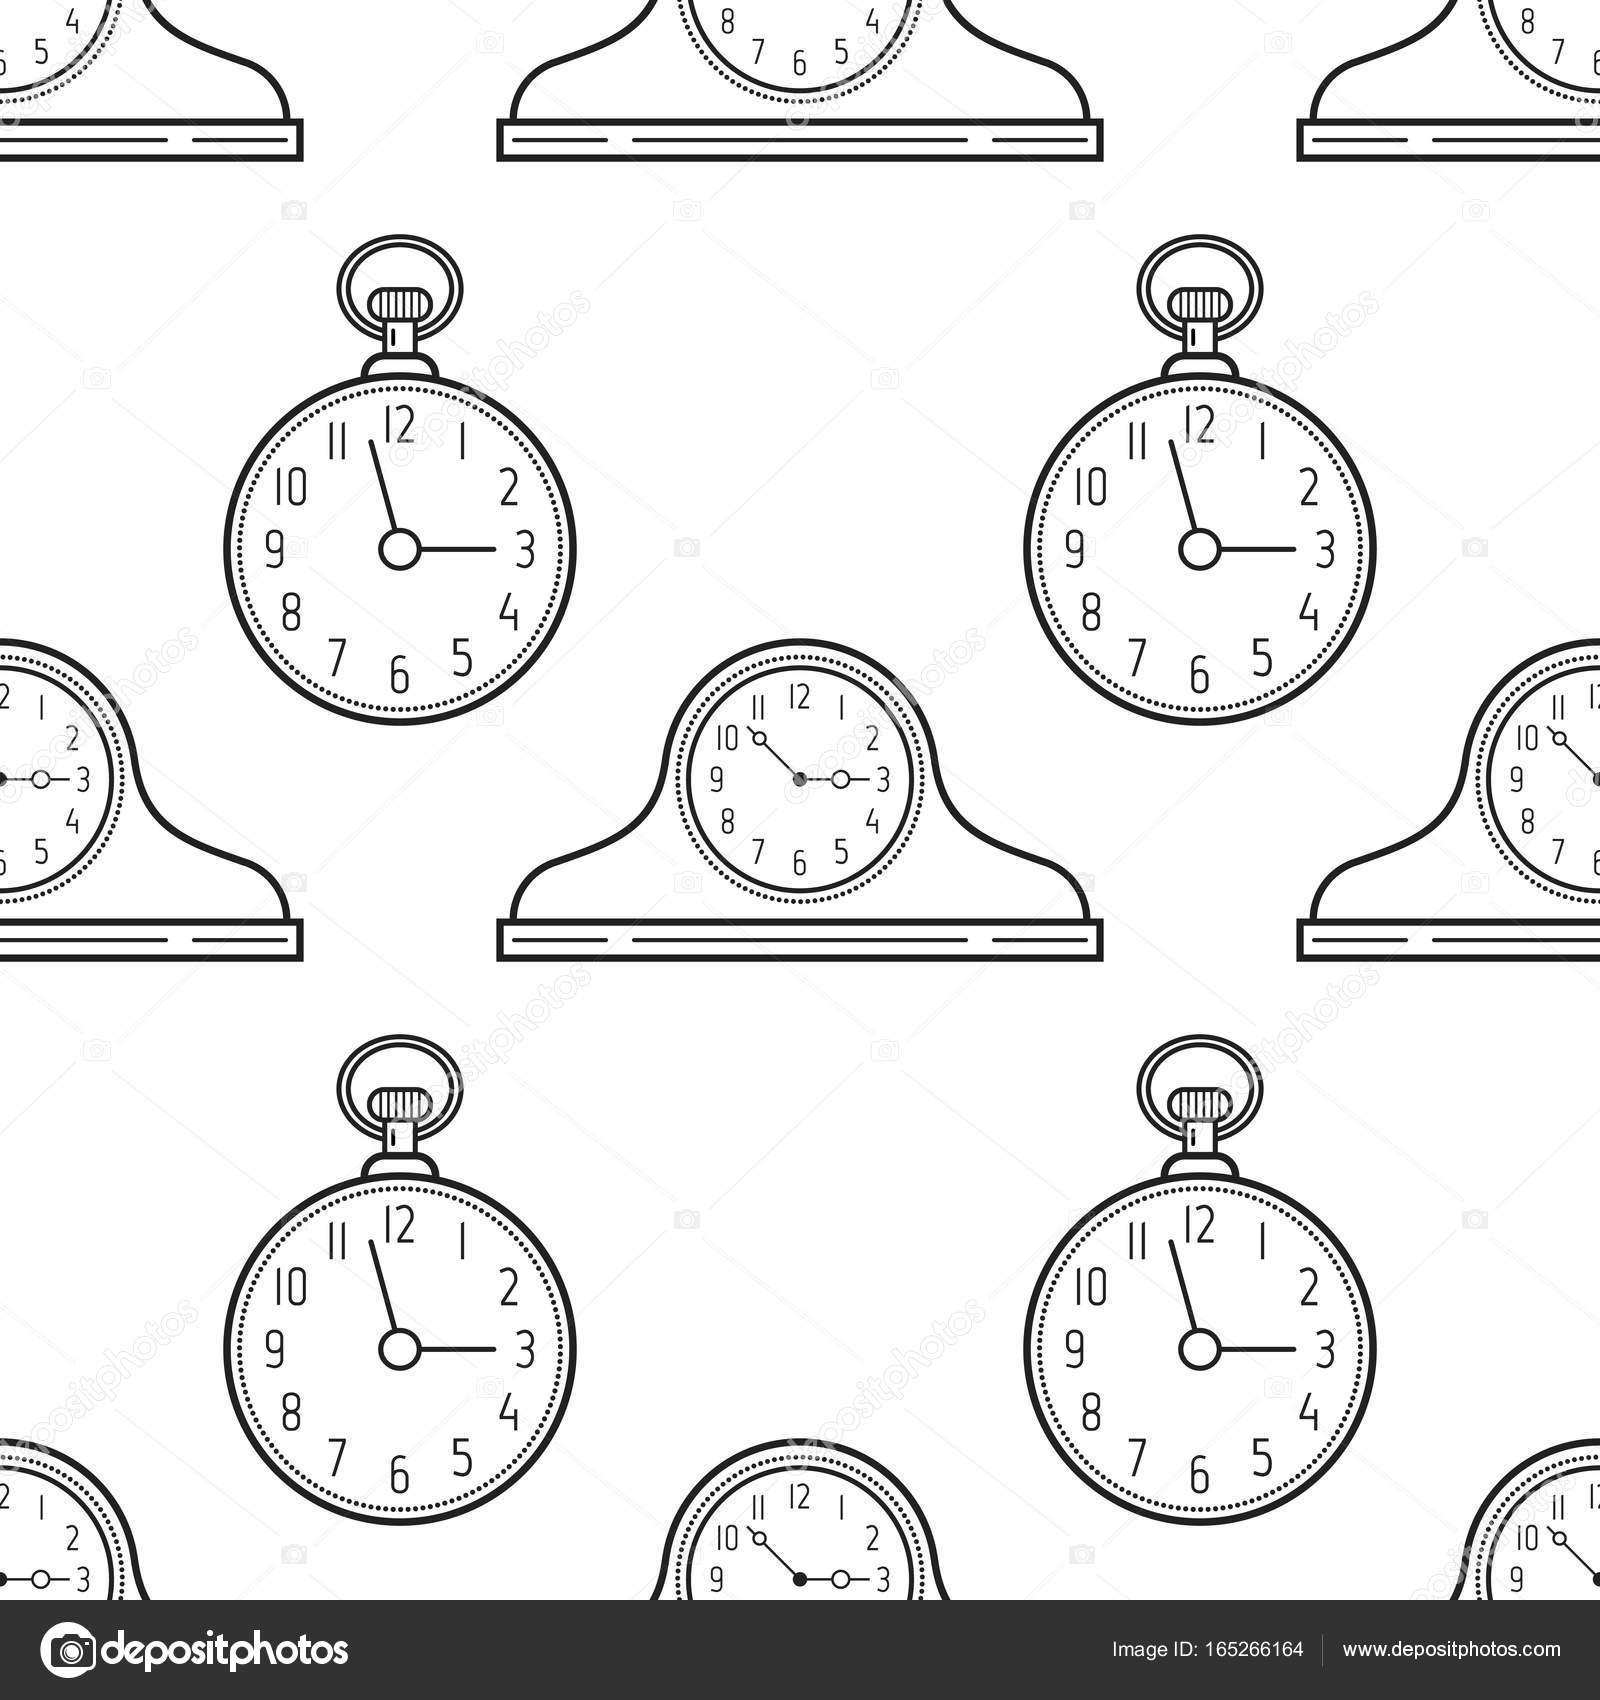 Relojes de repisa de la chimenea y reloj de bolsillo. Blanco y negro ...